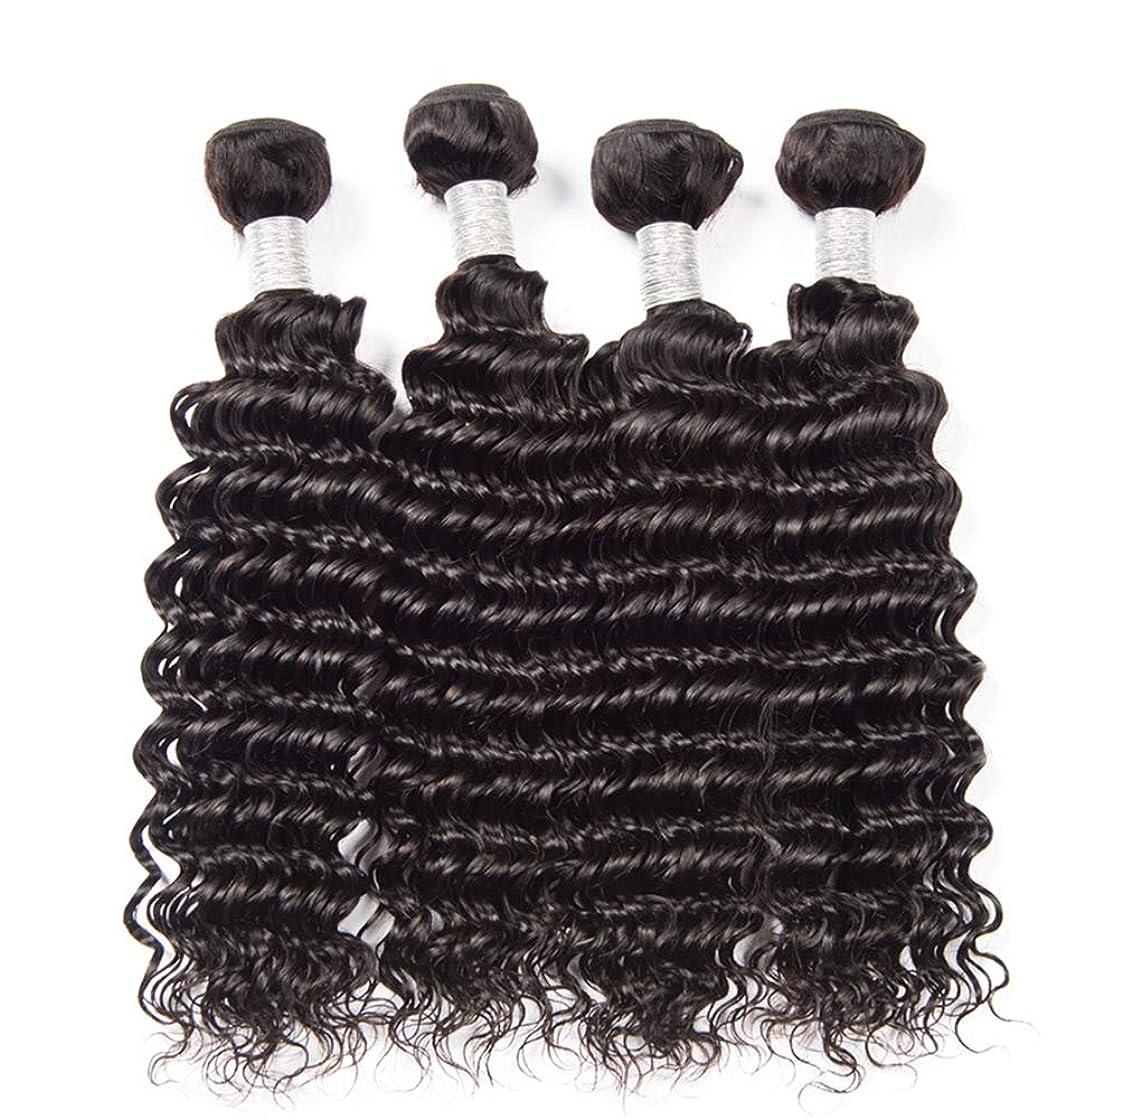 鍔パック疑問に思う女性の髪織り密度150%ブラジル水の波髪1バンドル未処理のバージン人毛エクステンションブラジルの髪